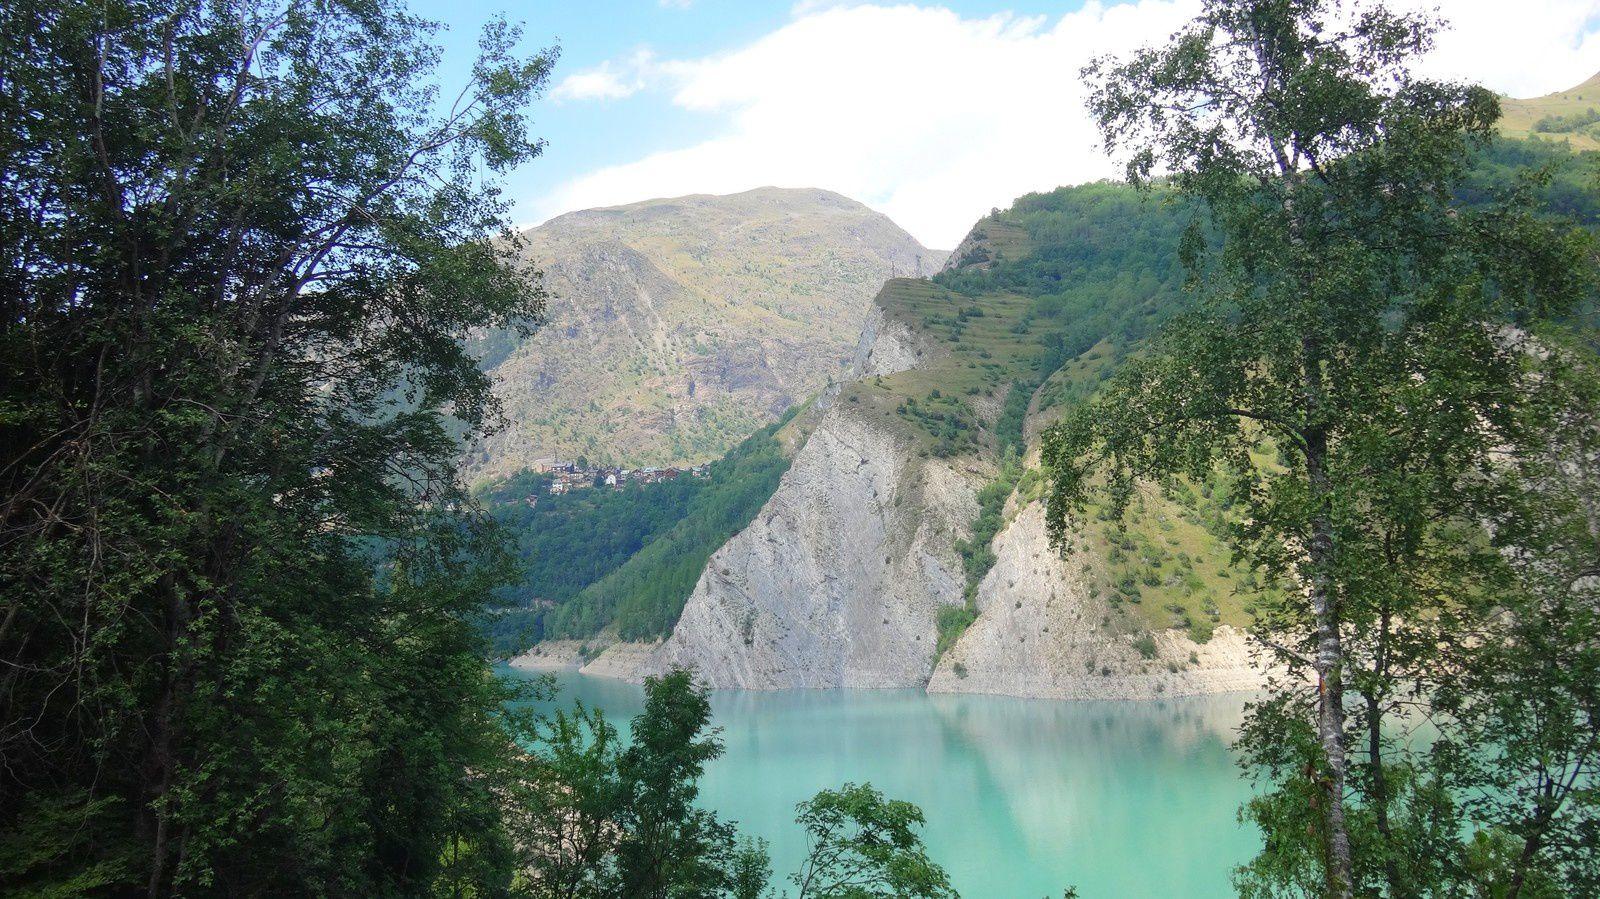 Brevet randonneur des Alpes (BRA)